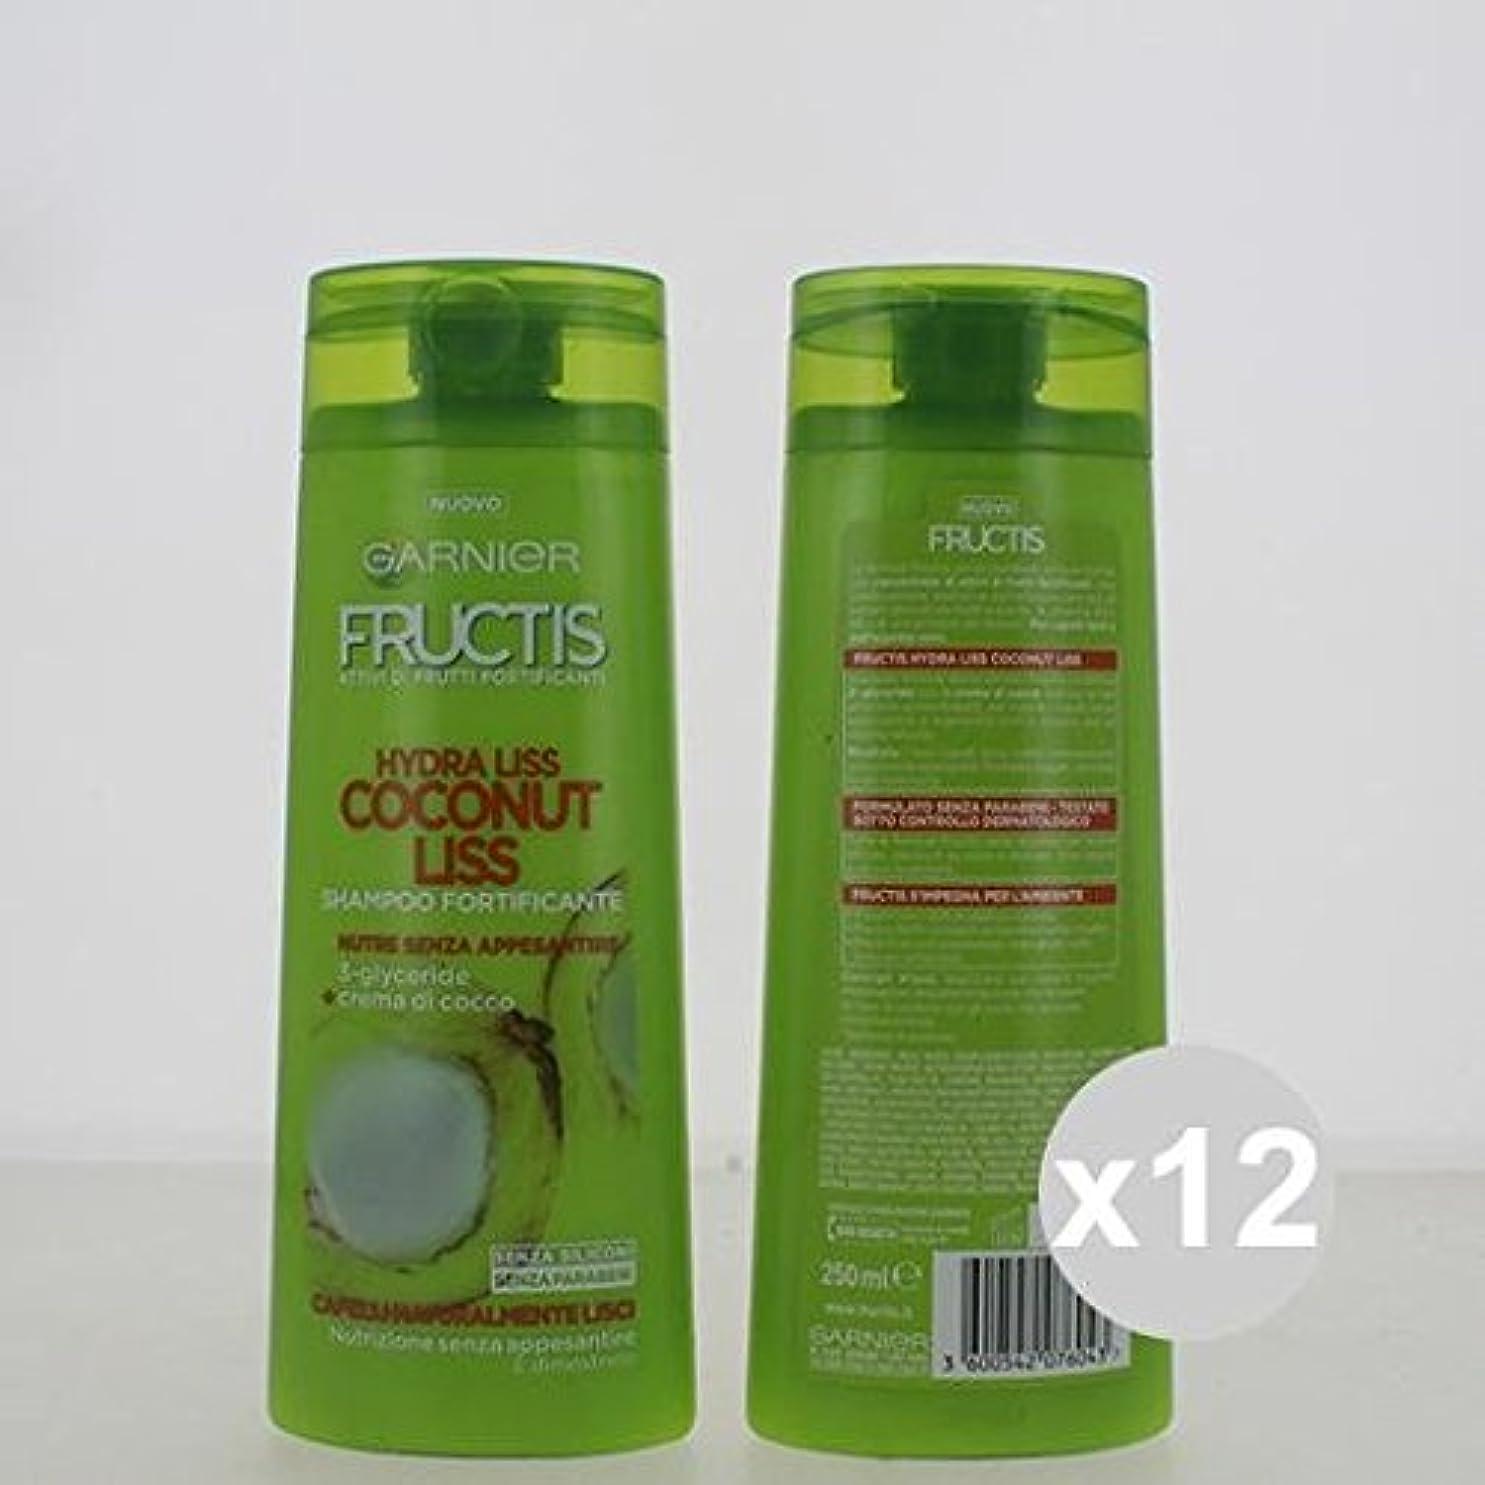 構造的広範囲シングル12 Fructisシャンプー250ピュアリスココナッツシャンプーとコンディショナーのヘアケア製品のセット